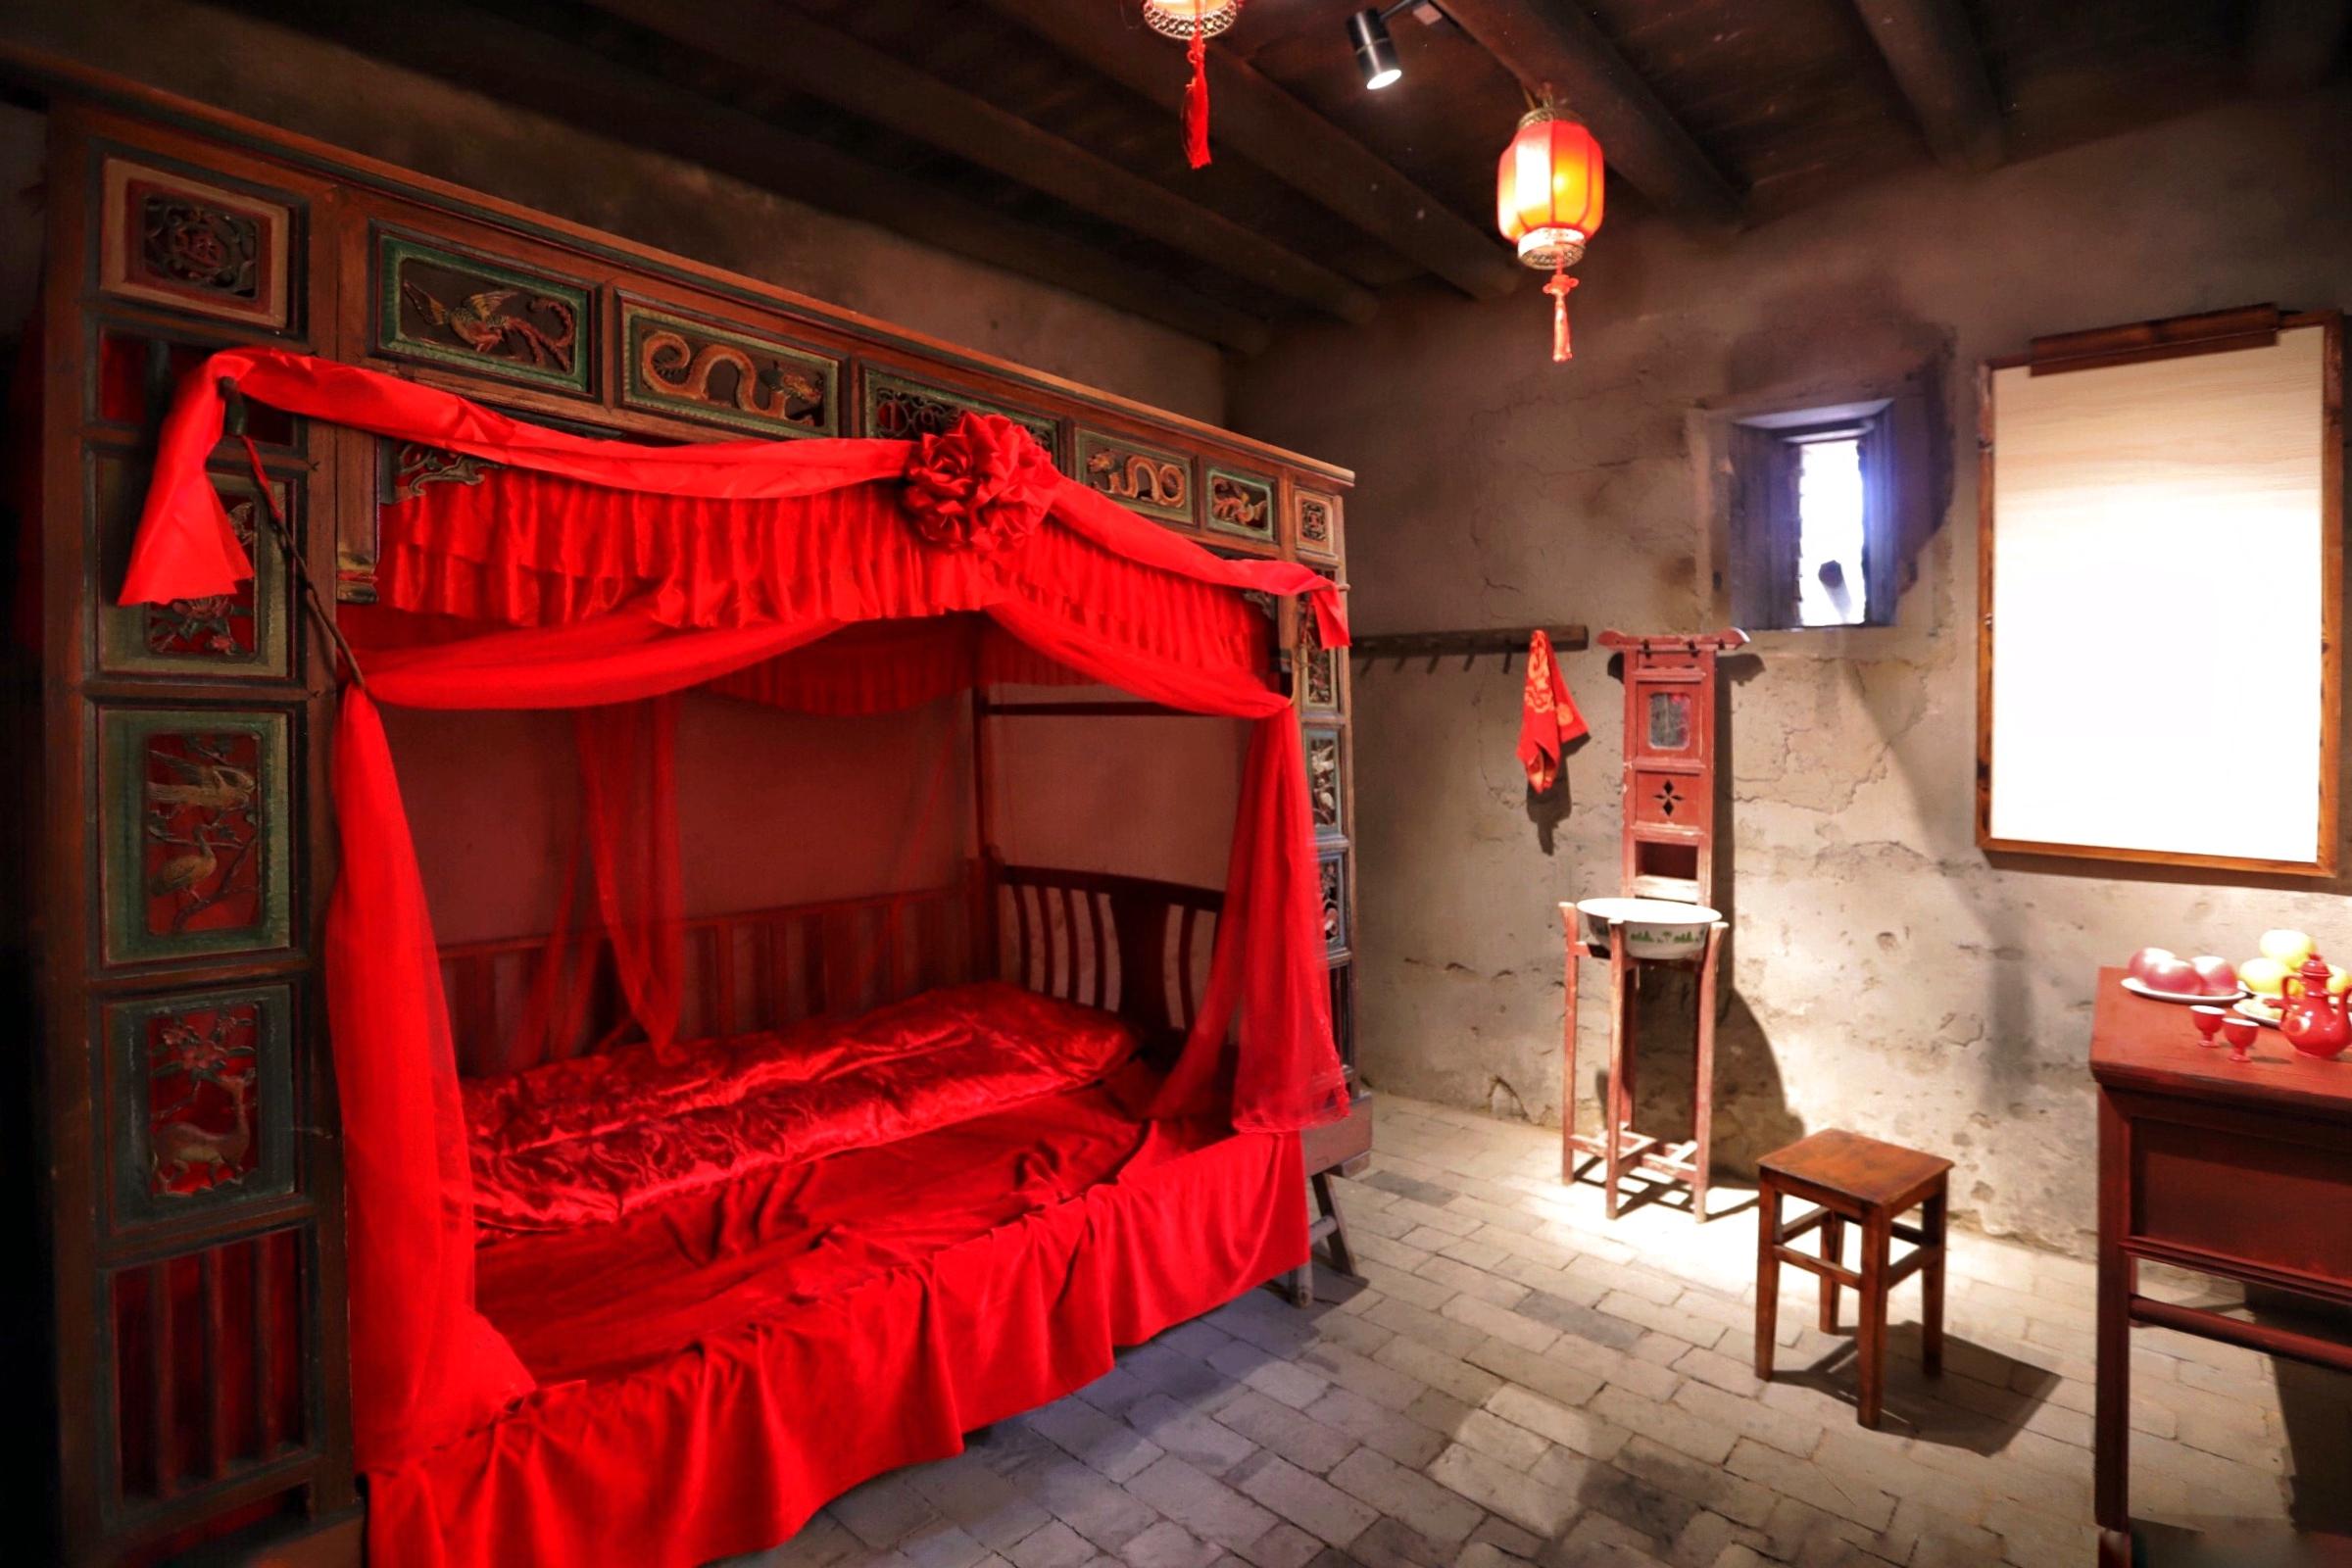 客家围屋,东方古罗马城堡,历经沧桑可安好?